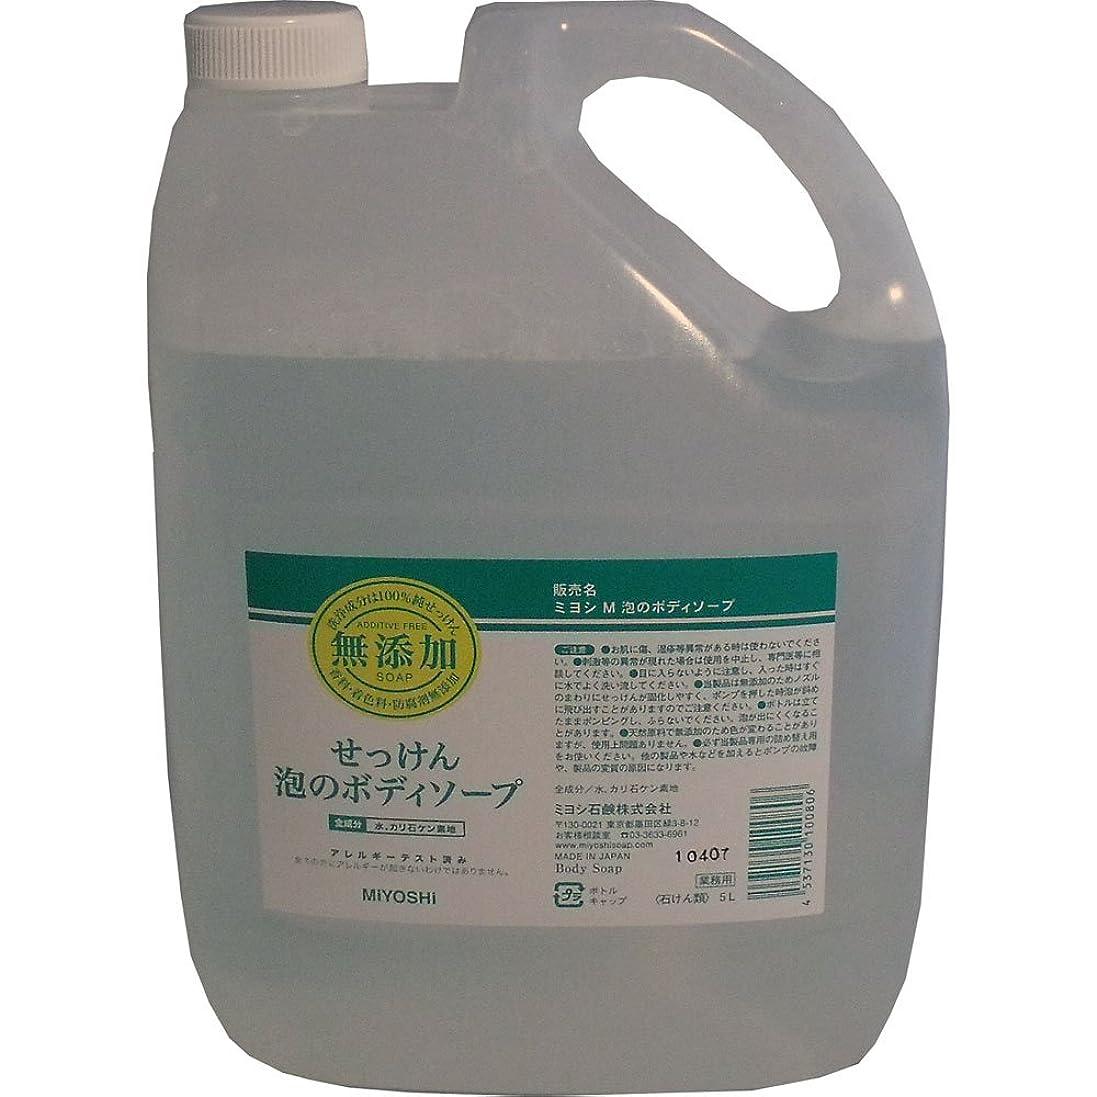 スキャン病者パースブラックボロウ合成界面活性剤はもちろん、香料、防腐剤、着色料などは一切加えていません!無添加せっけん 業務用 泡のボディソープ 詰替用 5L【4個セット】